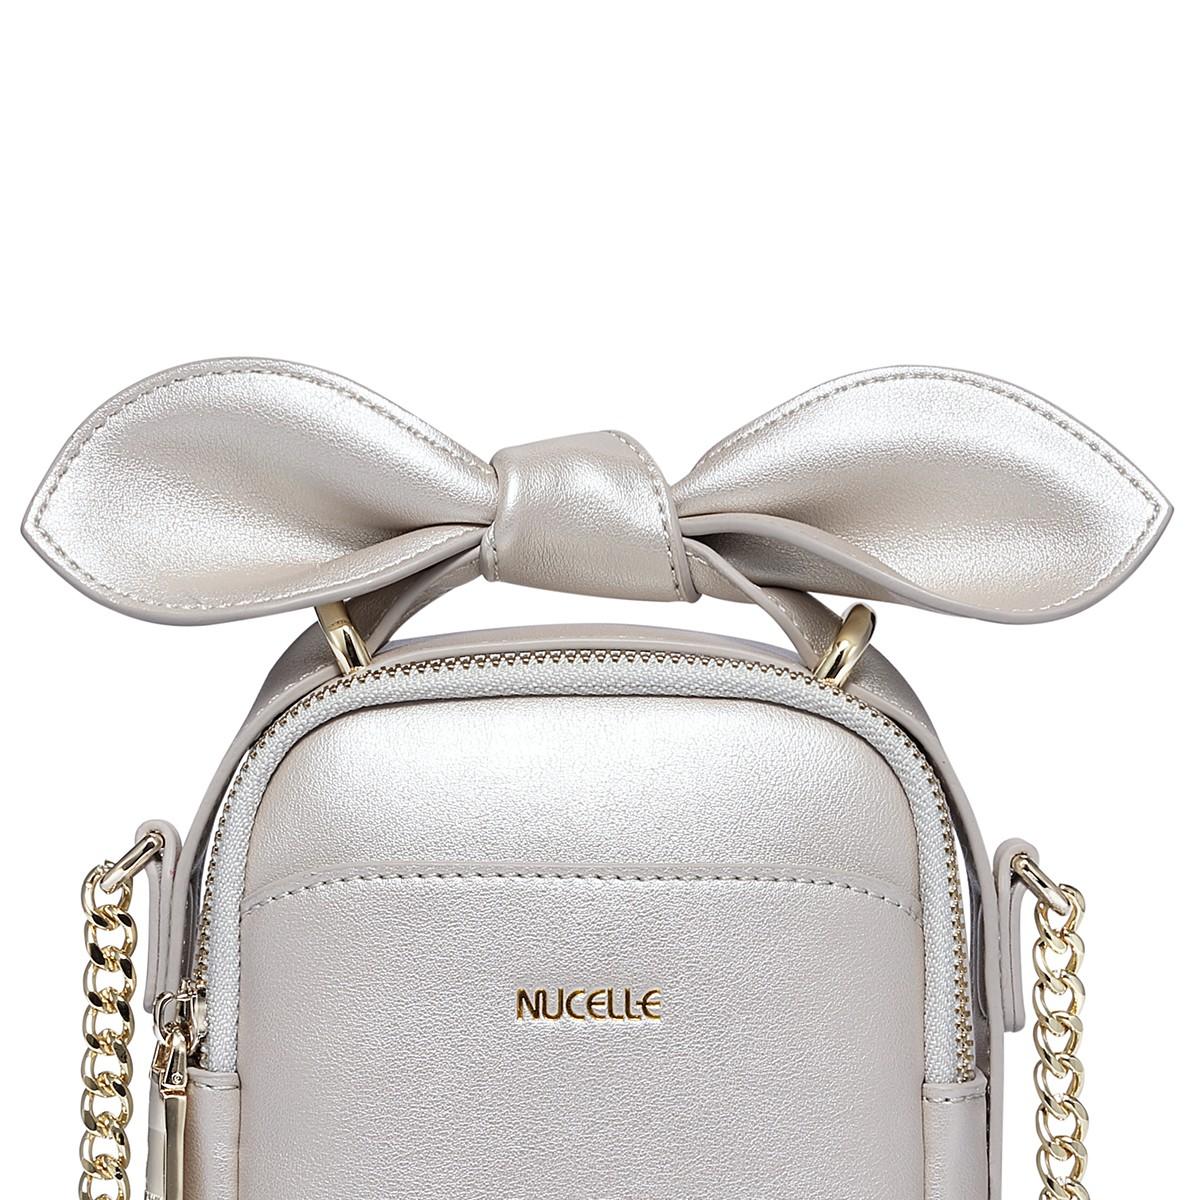 Túi đeo chéo đựng điện thoại Nucelle VG421